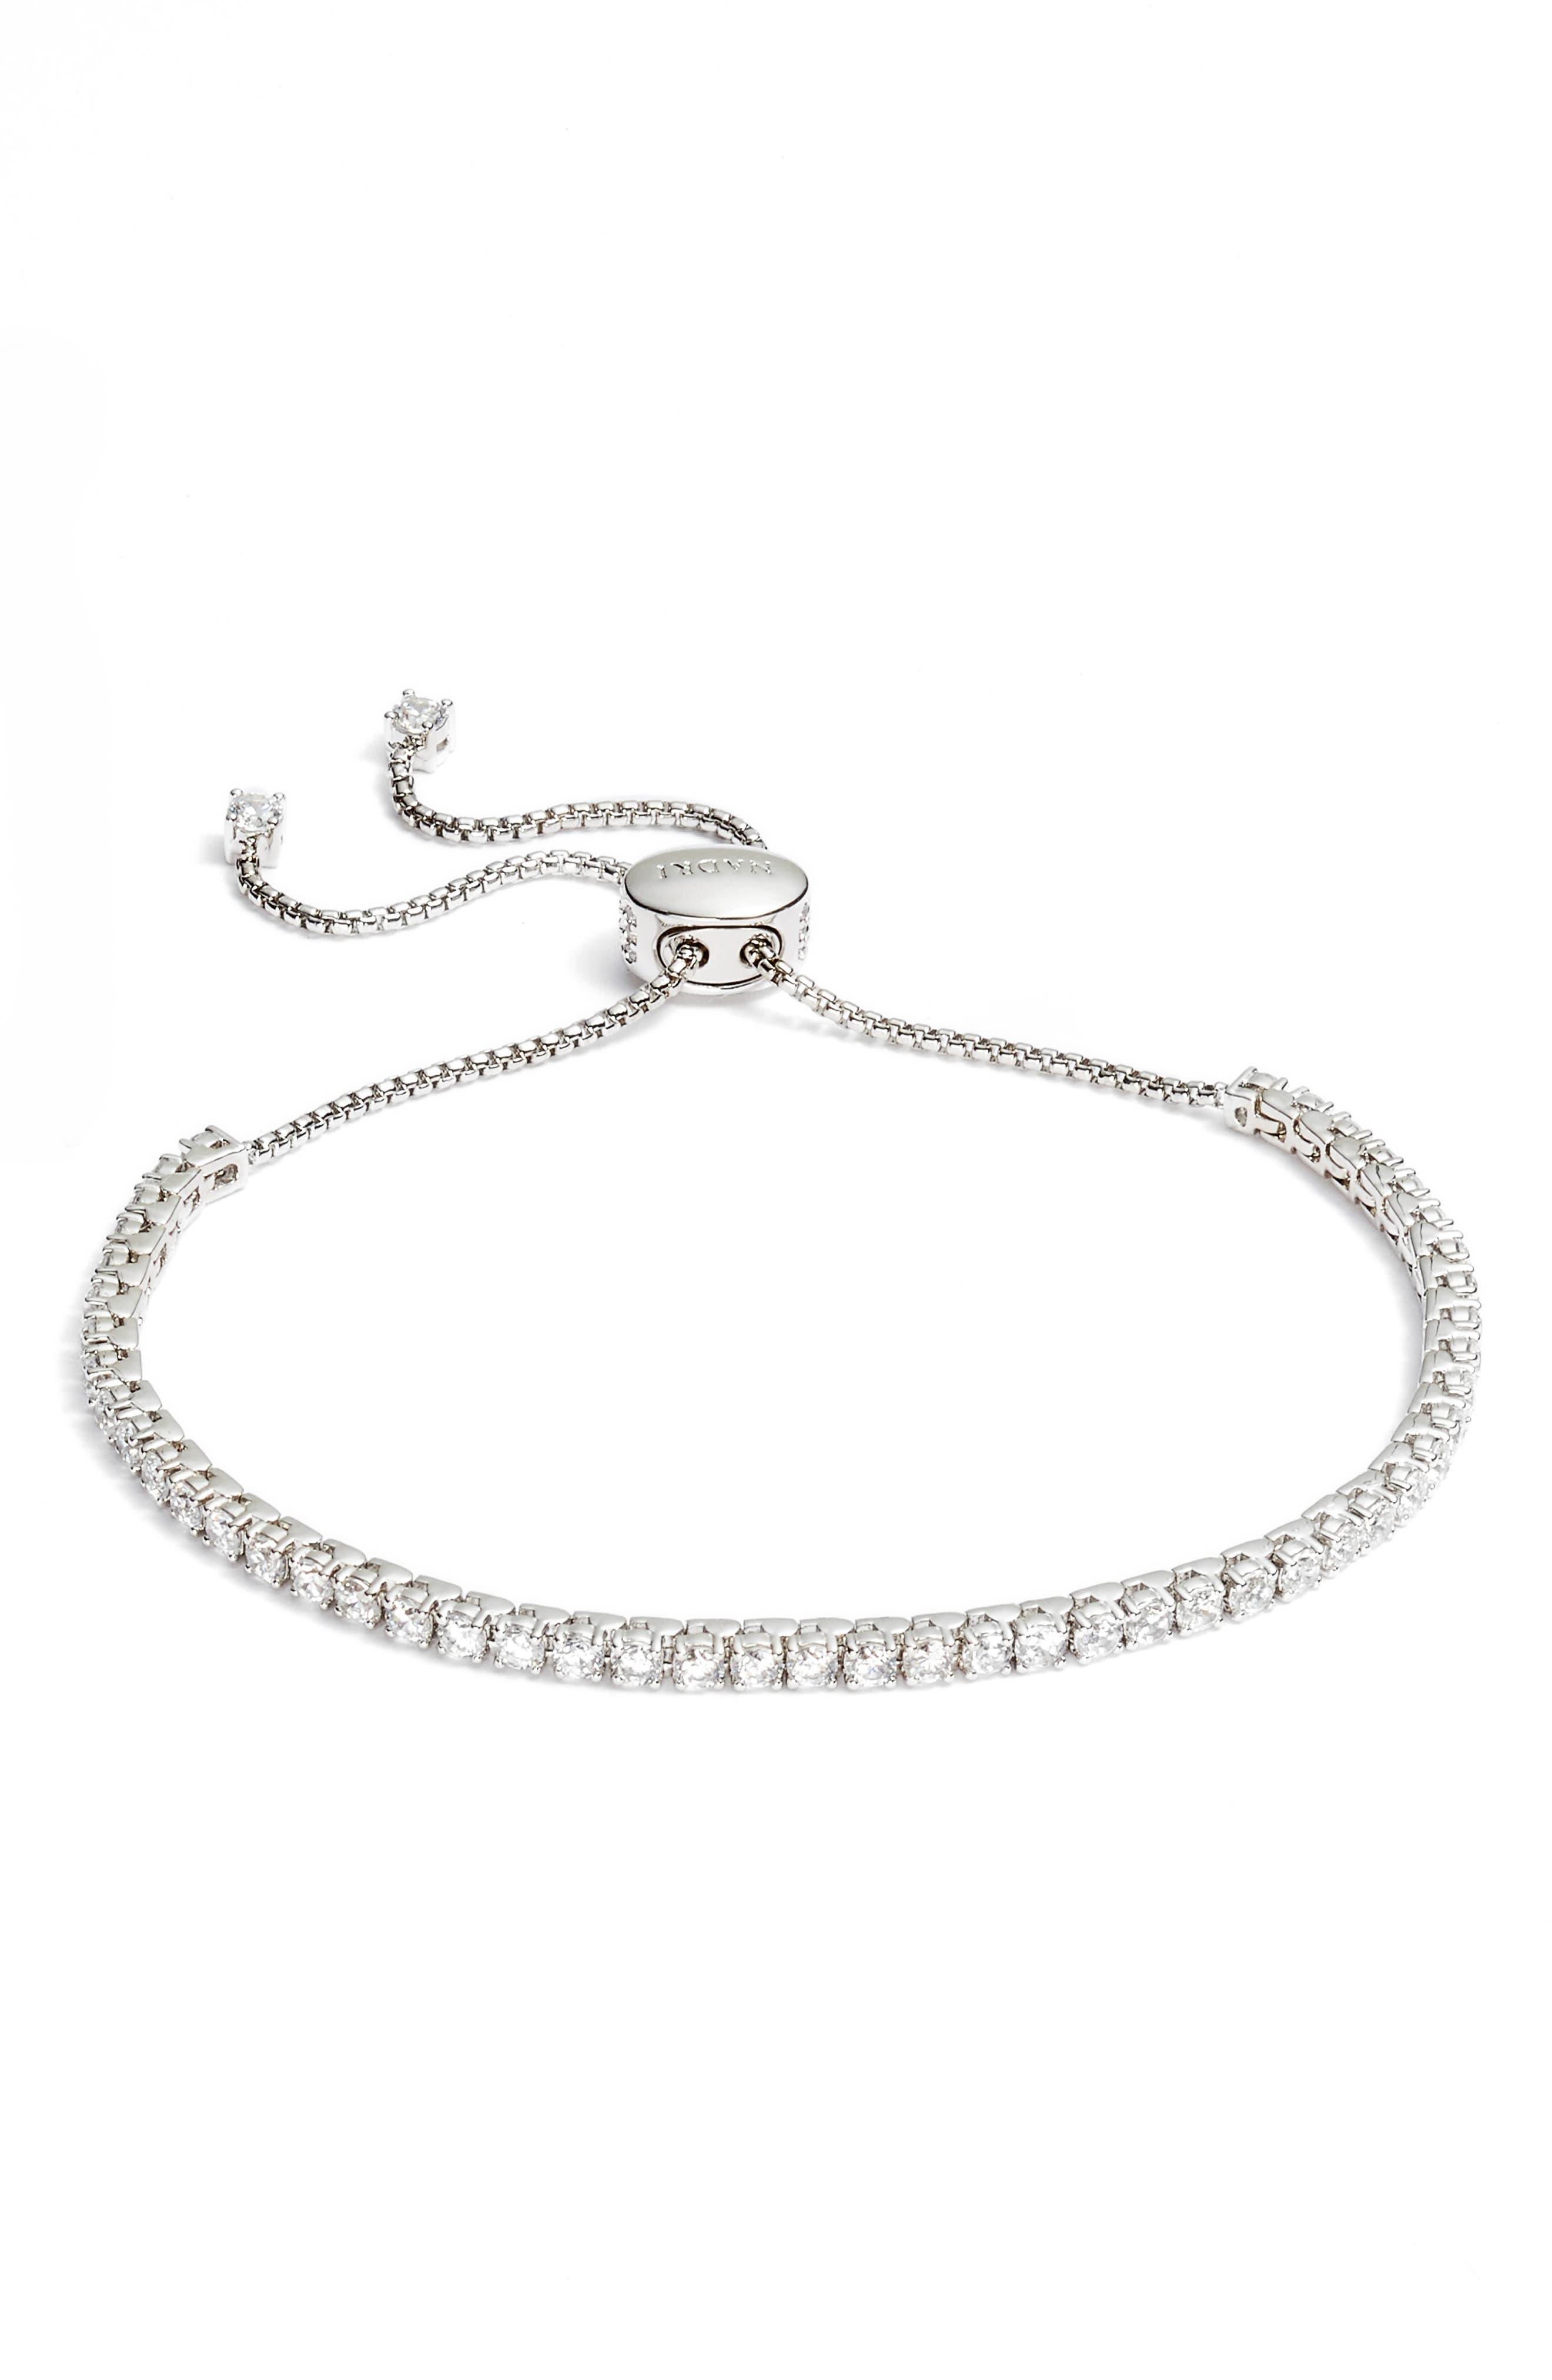 Cubic Zirconia Tennis Bracelet,                         Main,                         color, Silver